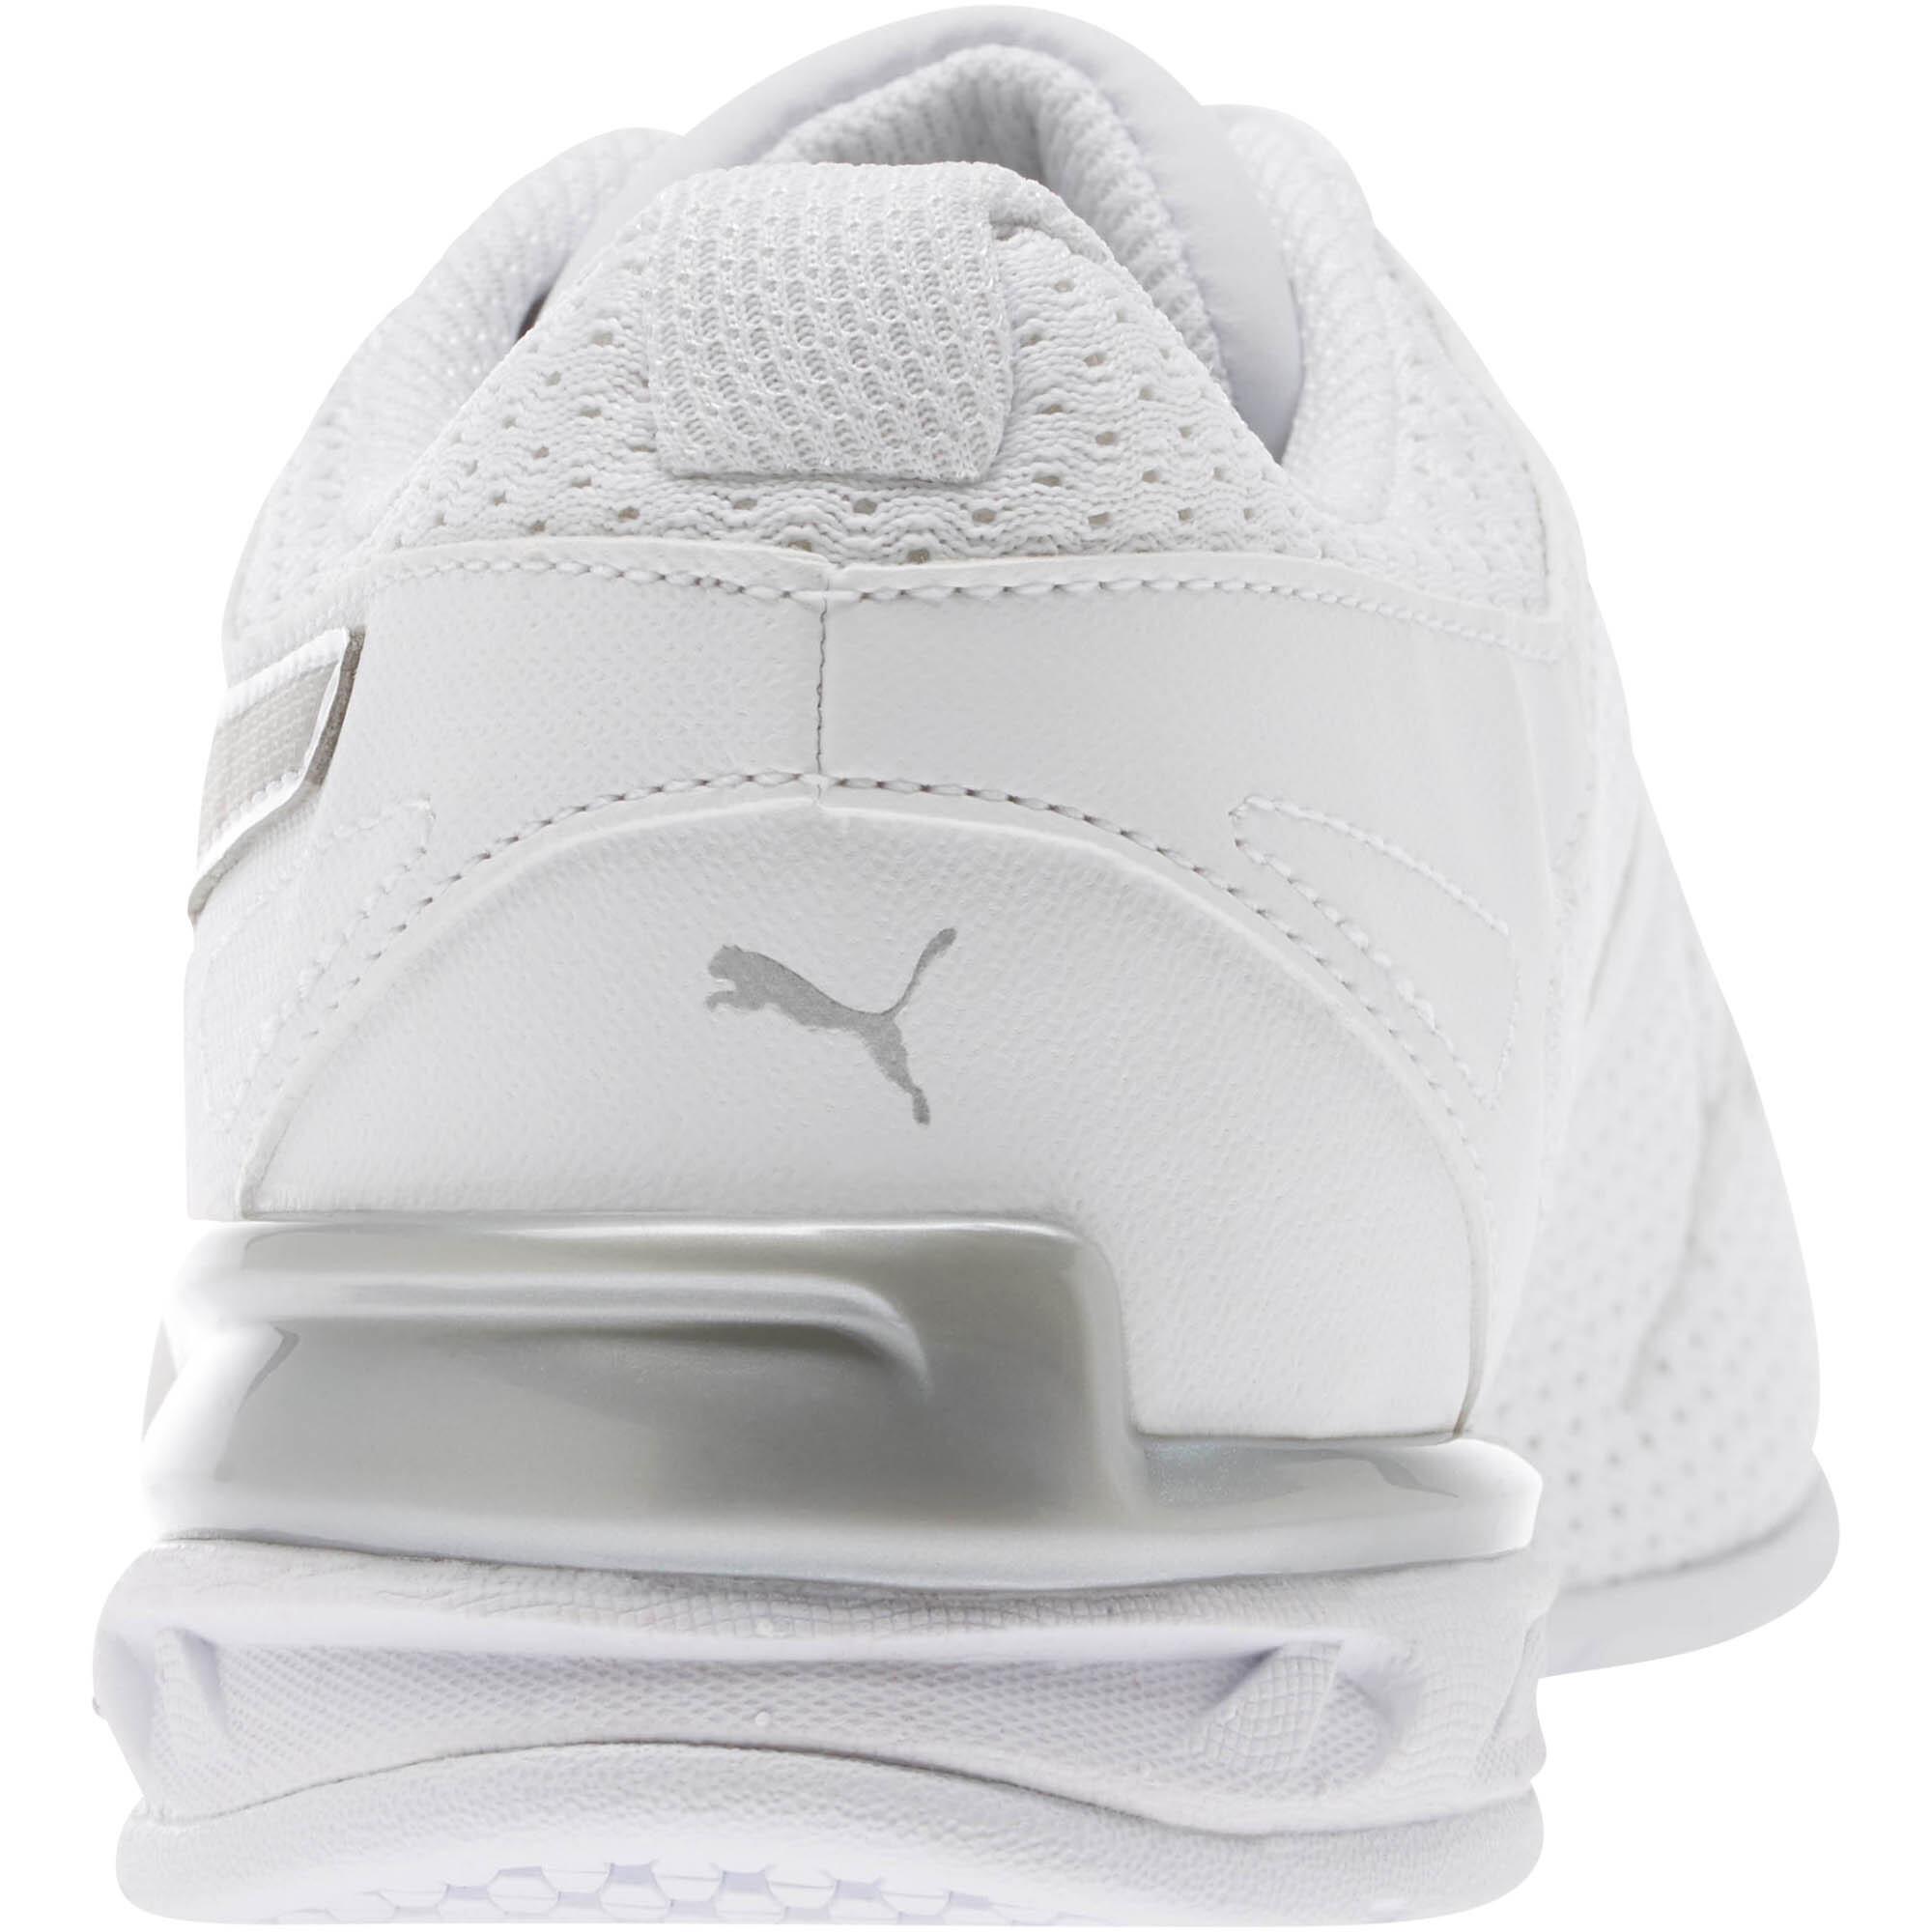 PUMA-Tazon-6-Knit-Women-s-Sneakers-Women-Shoe-Running thumbnail 3